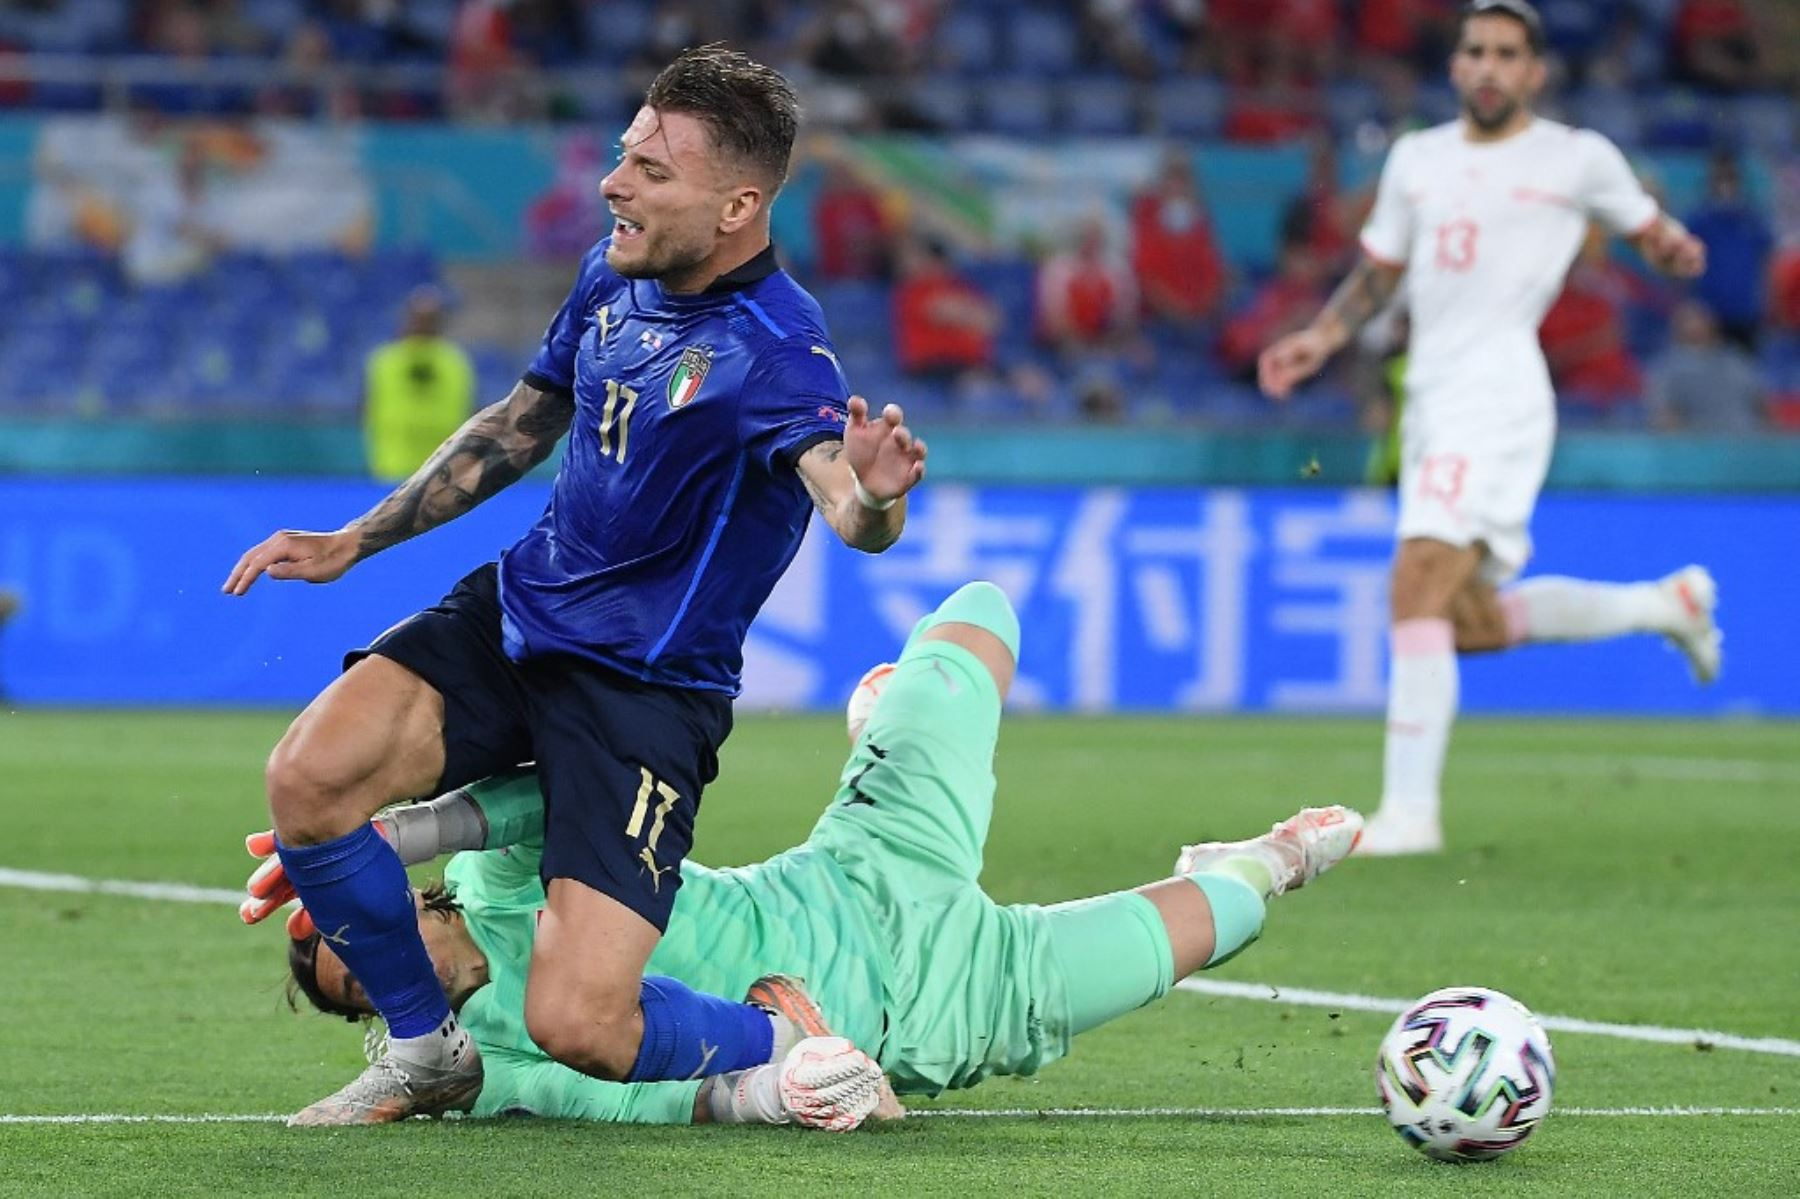 El delantero italiano Ciro Immobile (L) compite por el balón con el portero suizo Yann Sommer durante el partido de fútbol del Grupo A de la UEFA EURO 2020 entre Italia y Suiza en el Estadio Olímpico de Roma el 16 de junio de 2021. Foto: AFP